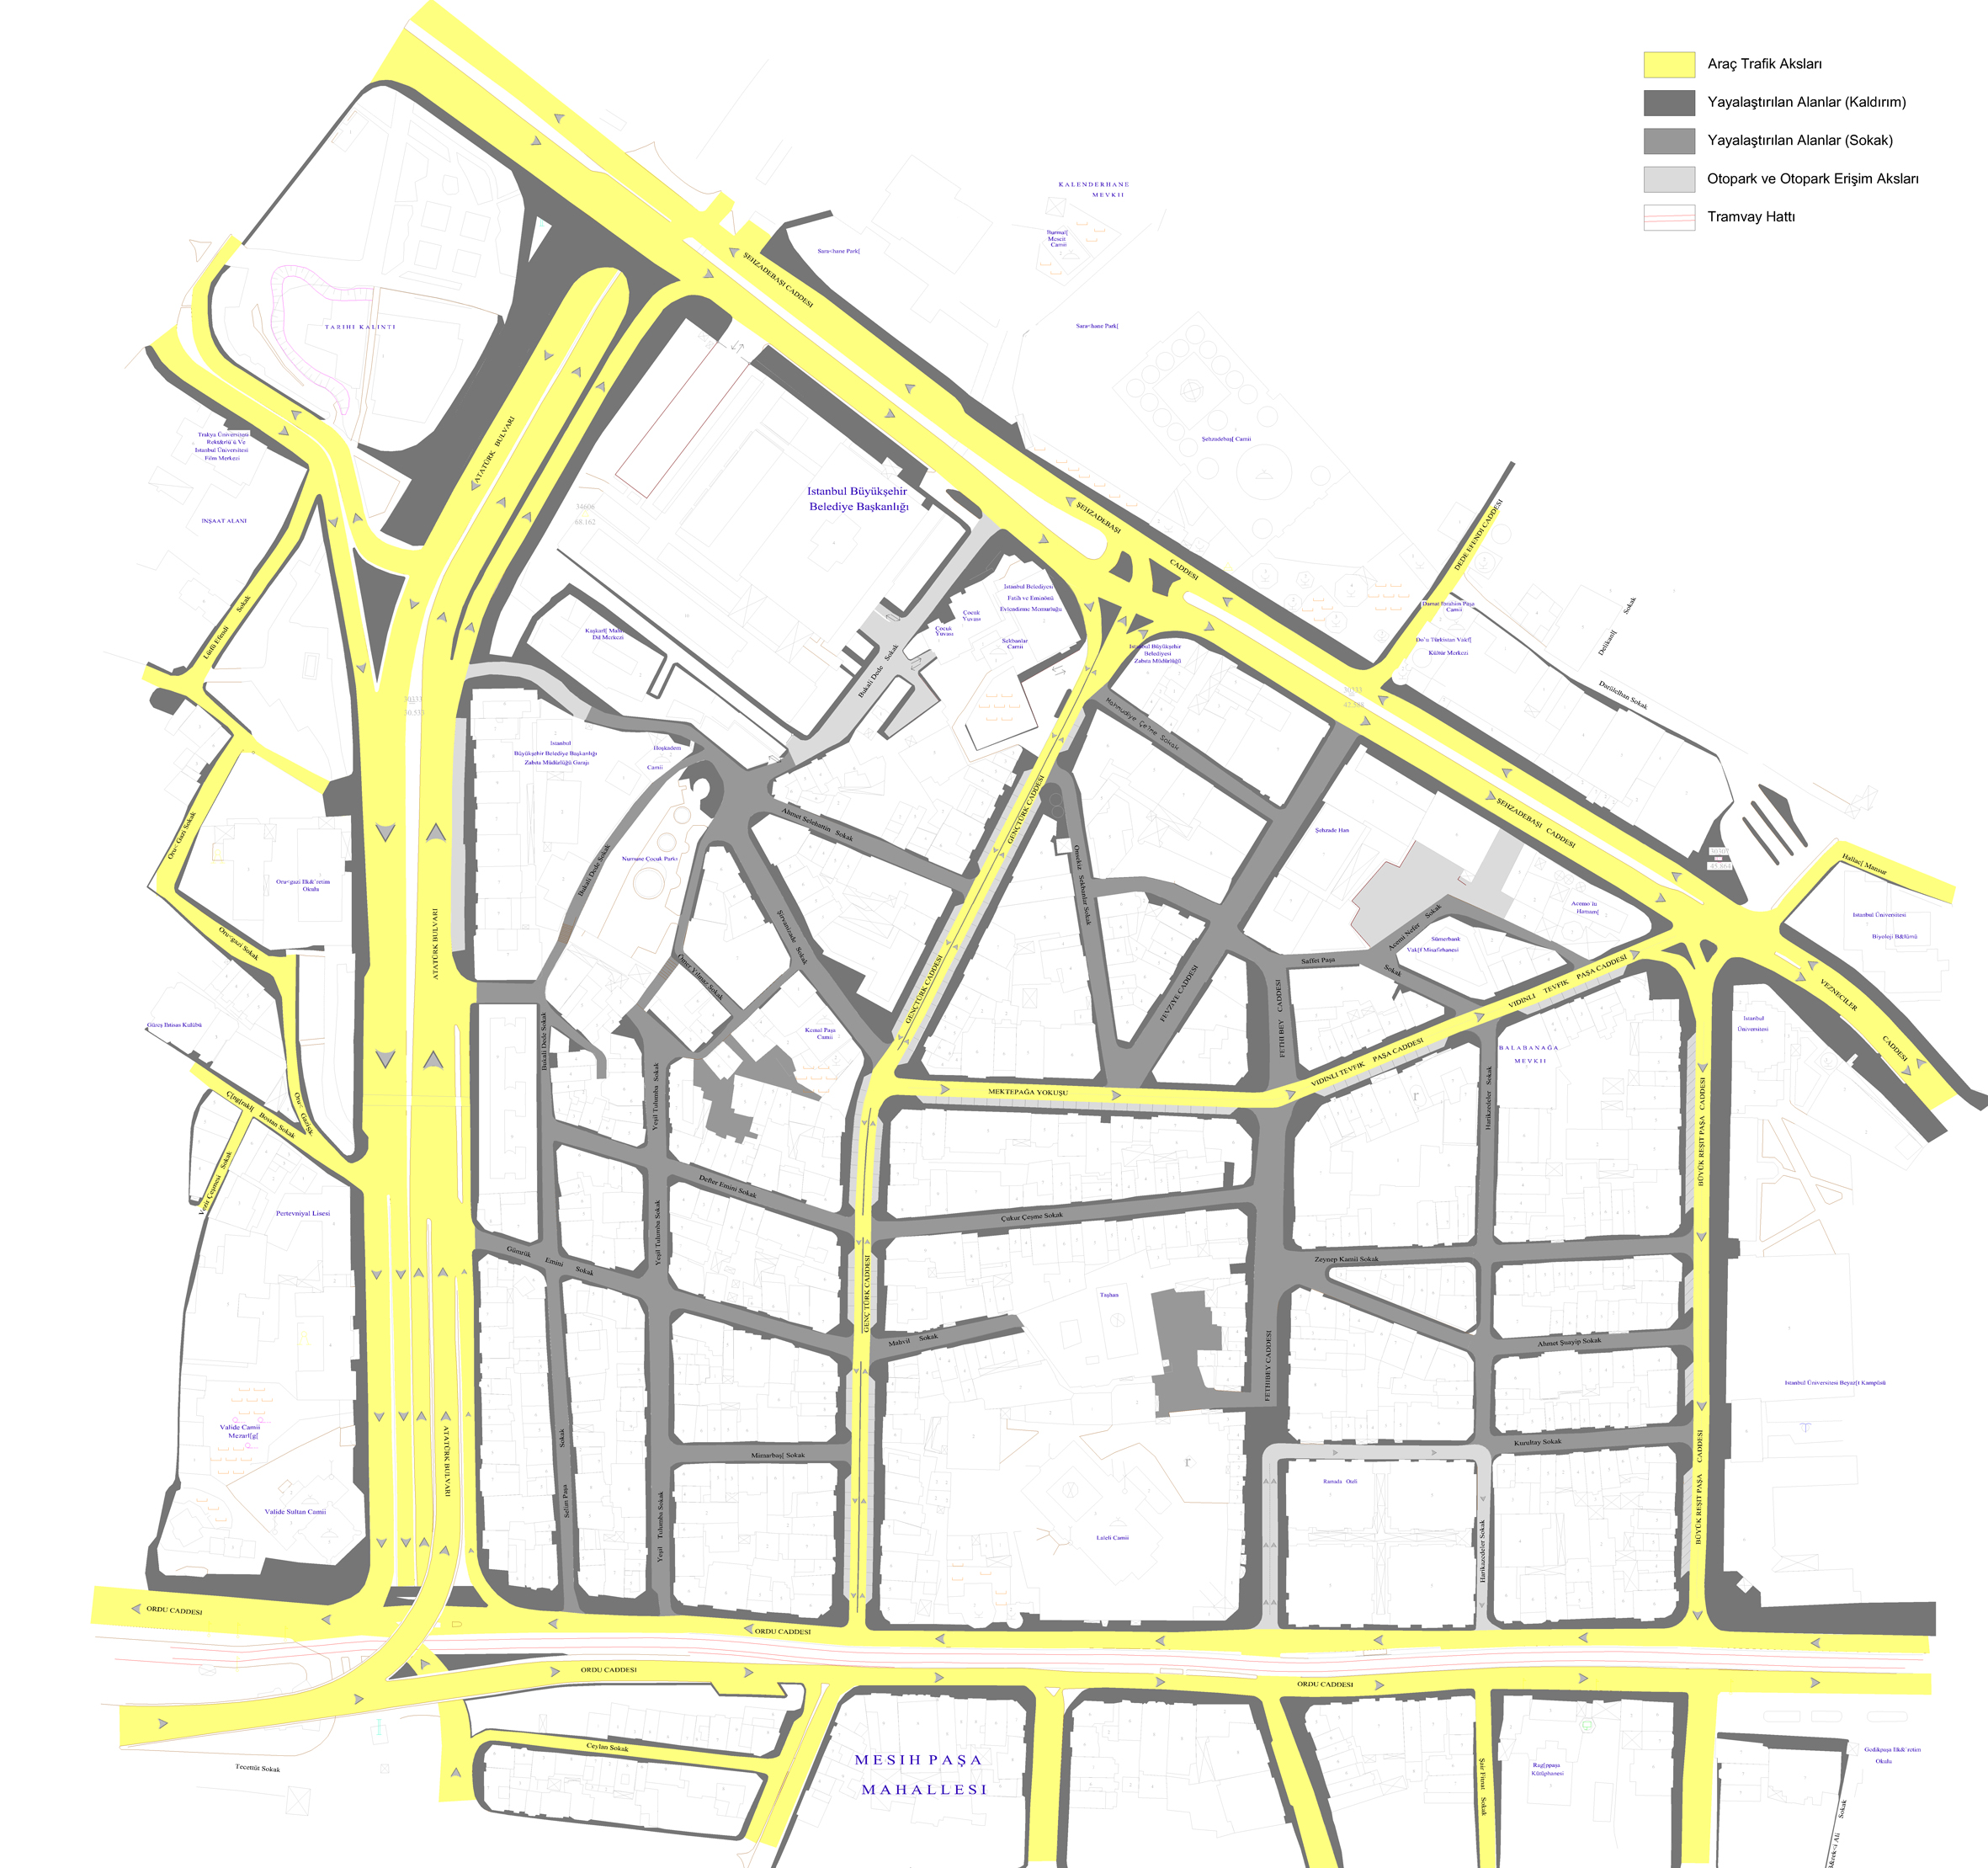 İstanbul 2010 Avrupa Kültür Başkenti Ajansı - Üst Laleli Bölgesi Cadde ve Sokak İyileştirme Projesi